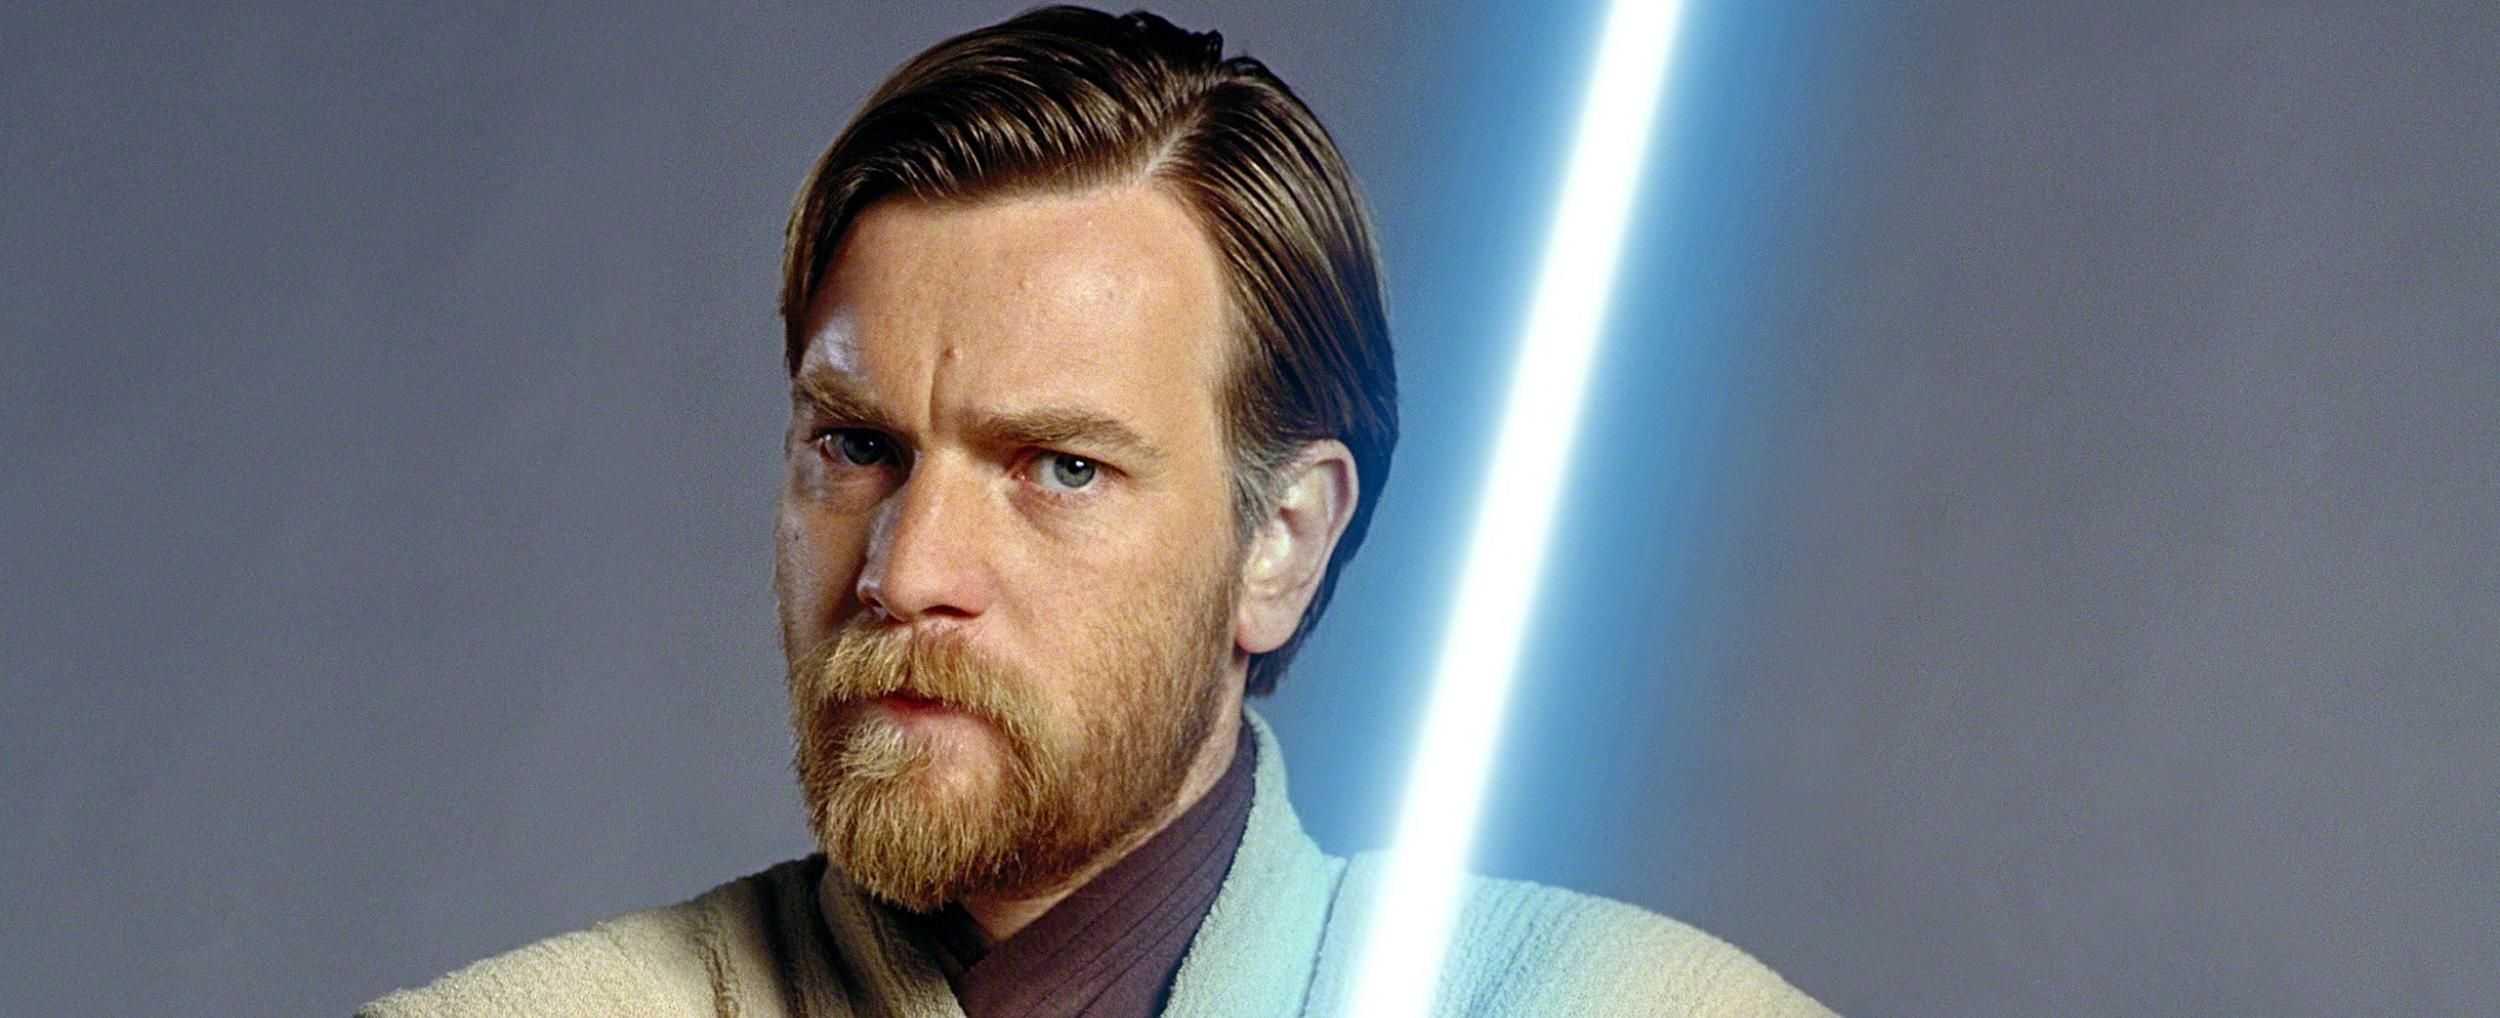 Obi-Wan Kenobi: la serie es más satisfactoria que las precuelas según Ewan McGregor